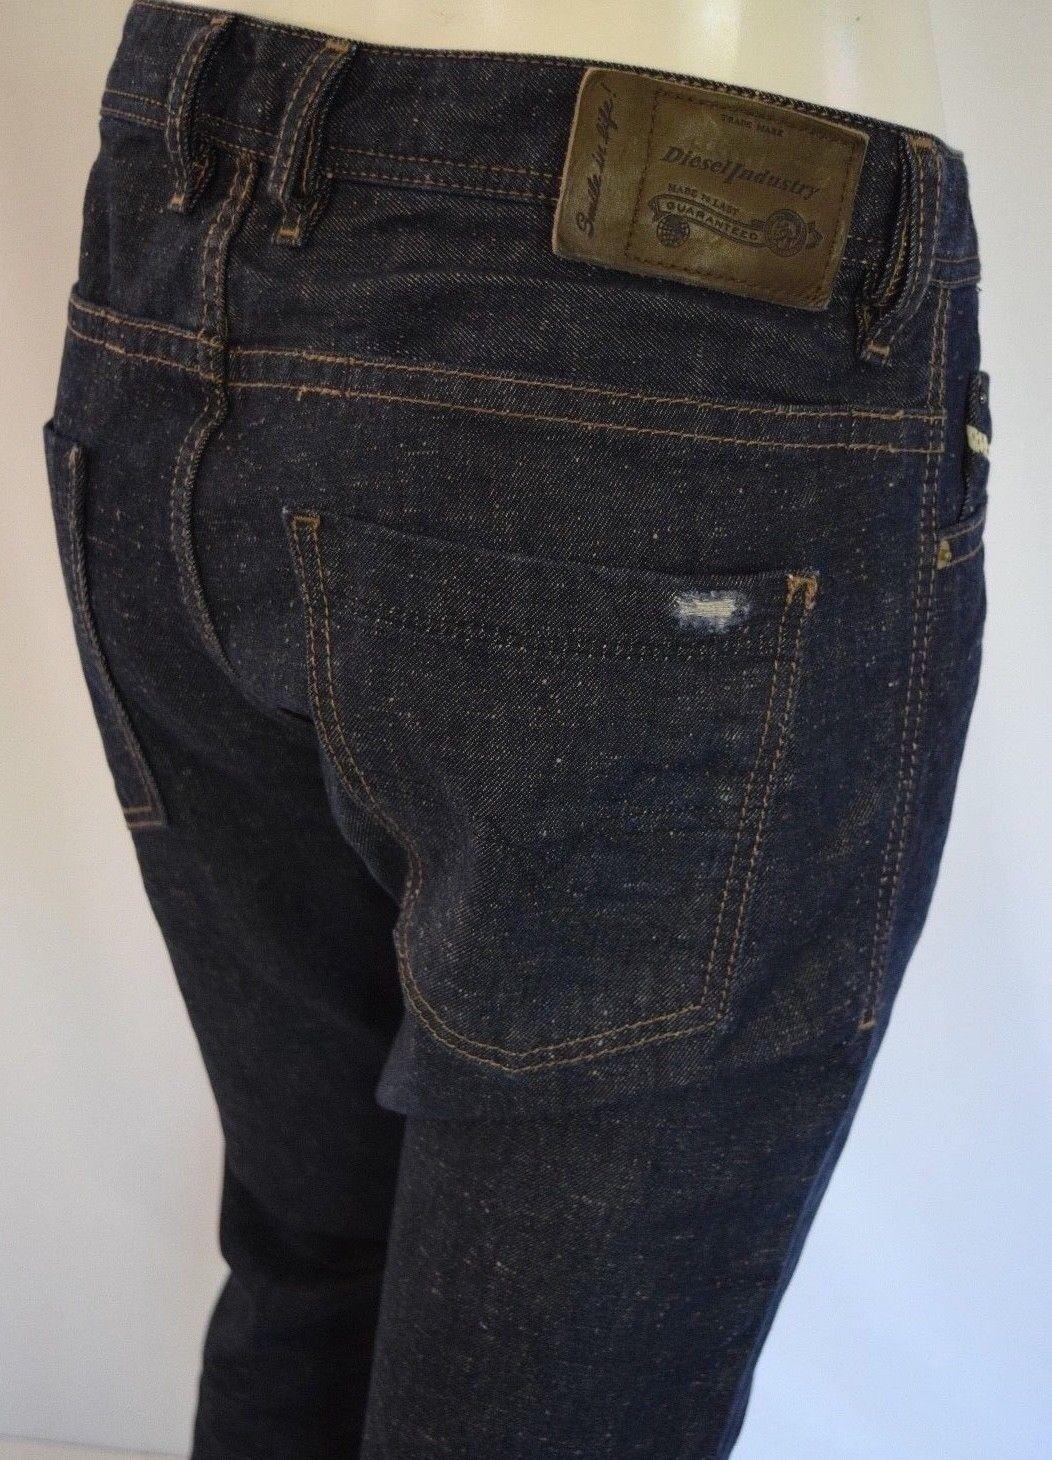 228 Diesel modisto Delgado Zanahoria Jeans Hombre Talla 32 X34.5 en 0820N moteado Arruga  estar en gran demanda